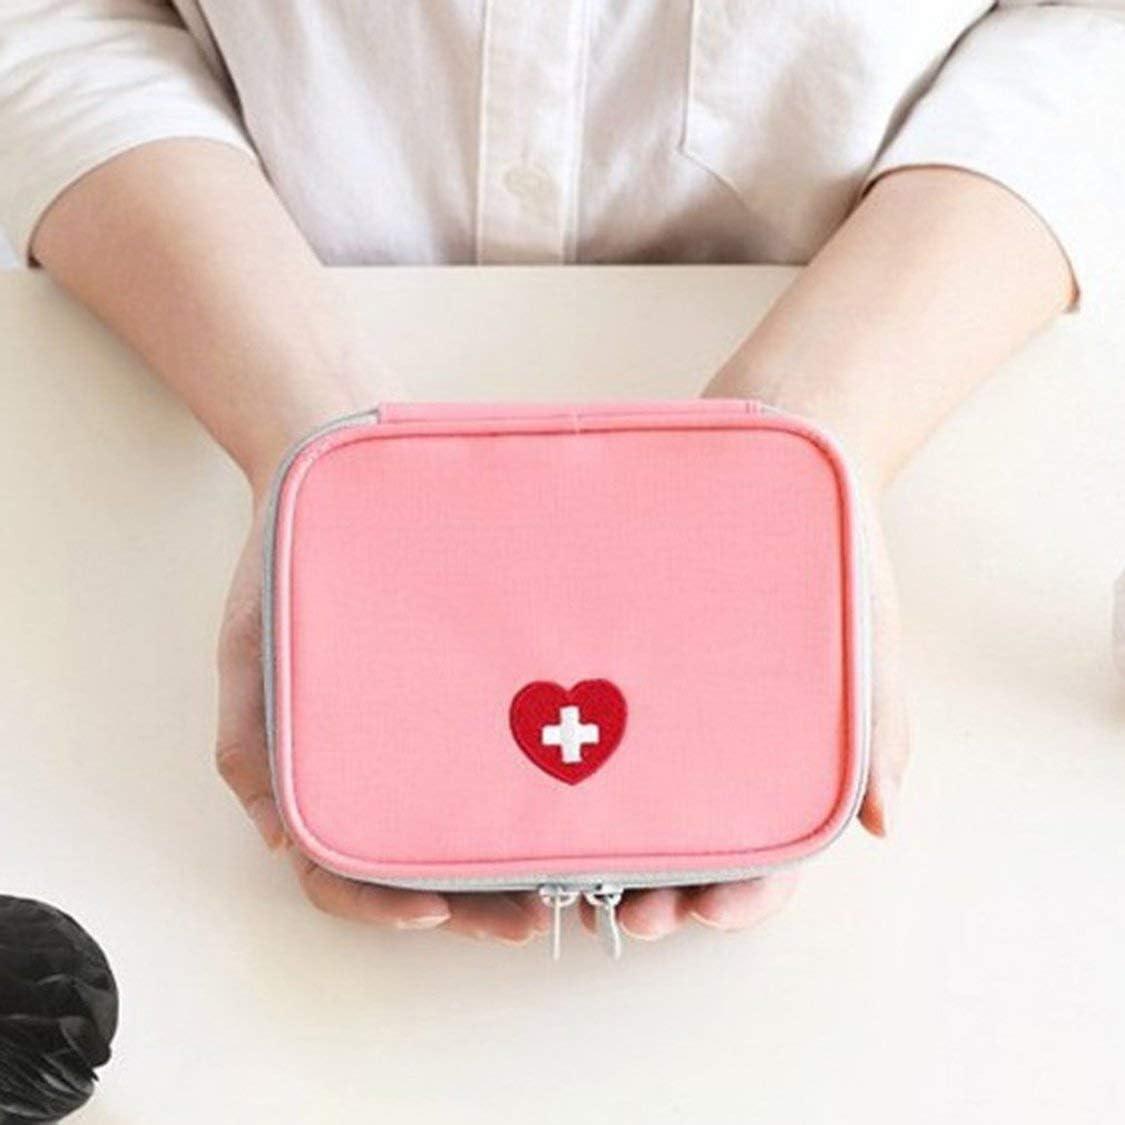 Mini Outdoor Verbandskasten Tasche Reise Tragbare Medizin Paket Notfall Kit Taschen Pille Aufbewahrungstasche Kleine Veranstalter